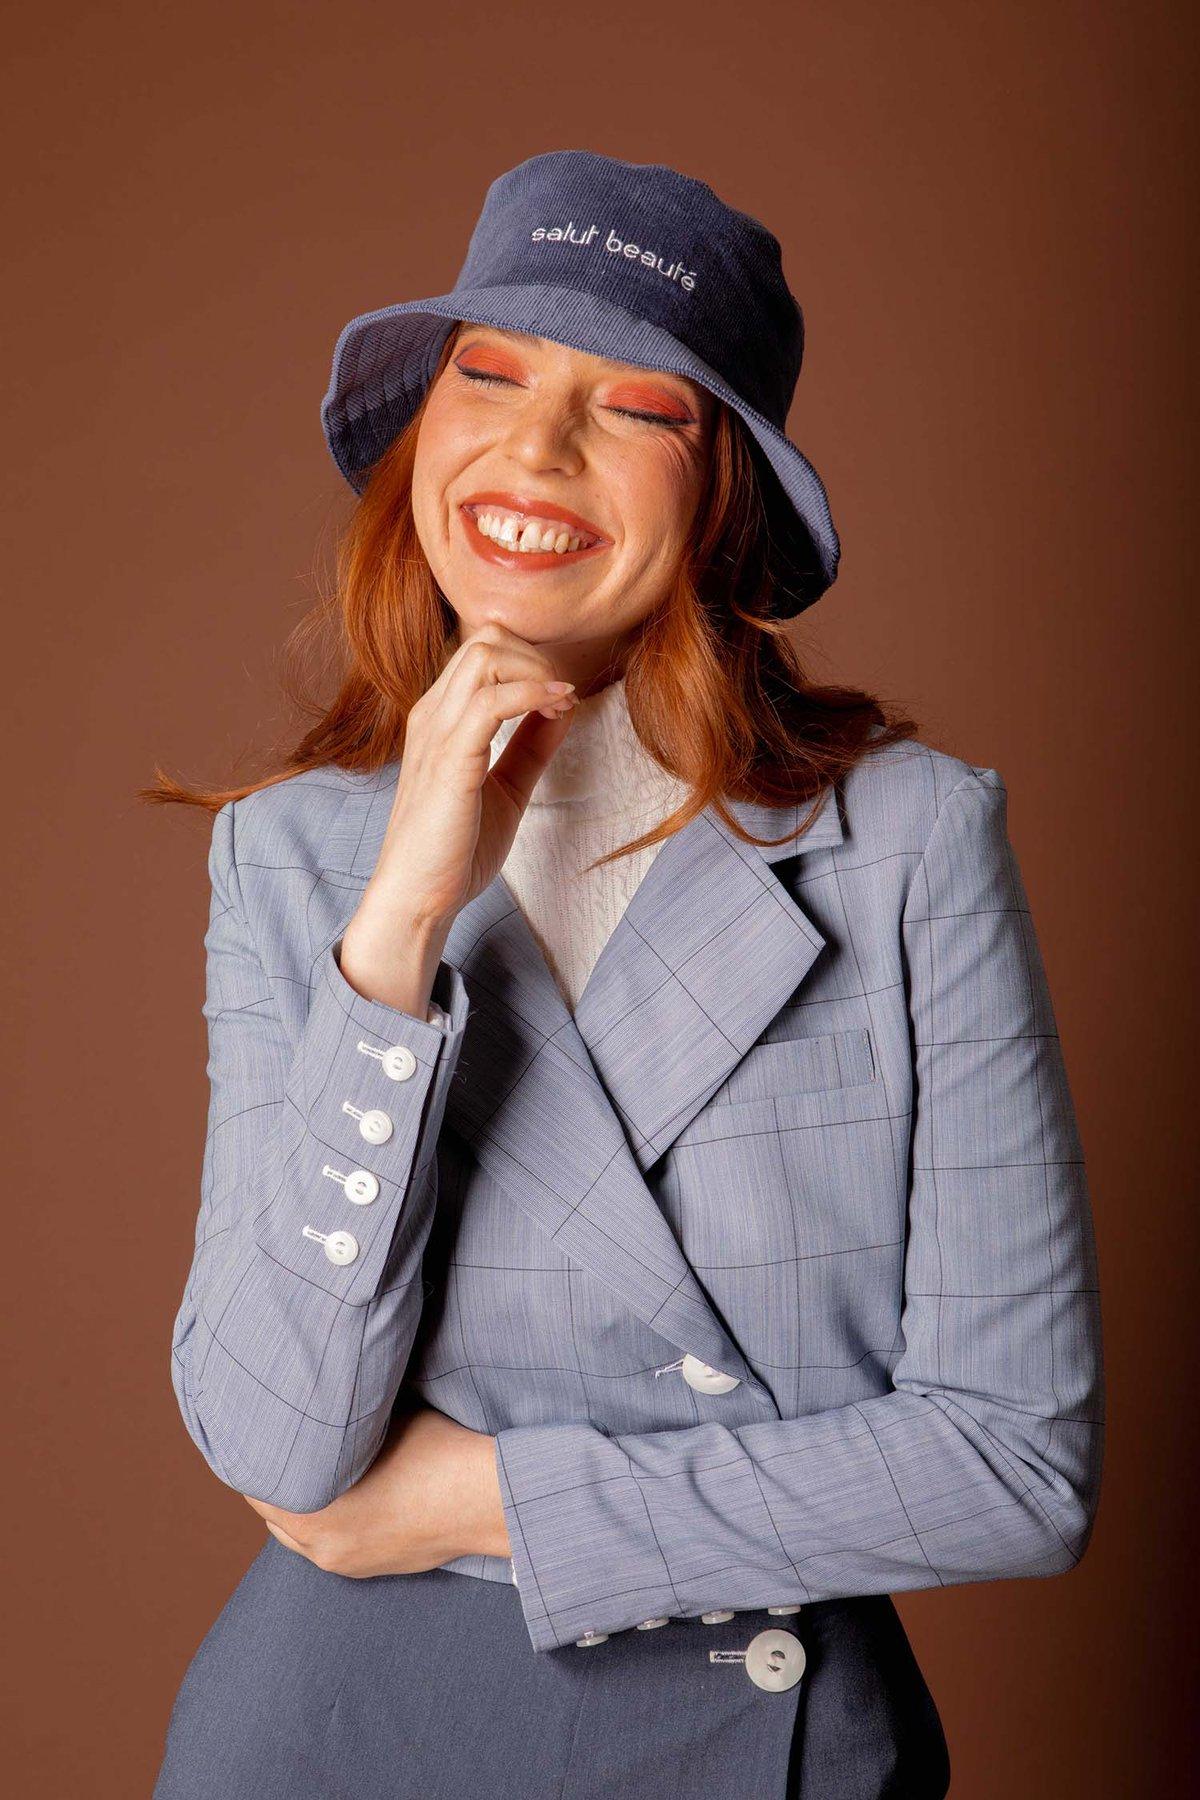 Mannequin rousse Salut Beauté en costume gris avec un bob bleu et un maquillage retro orange